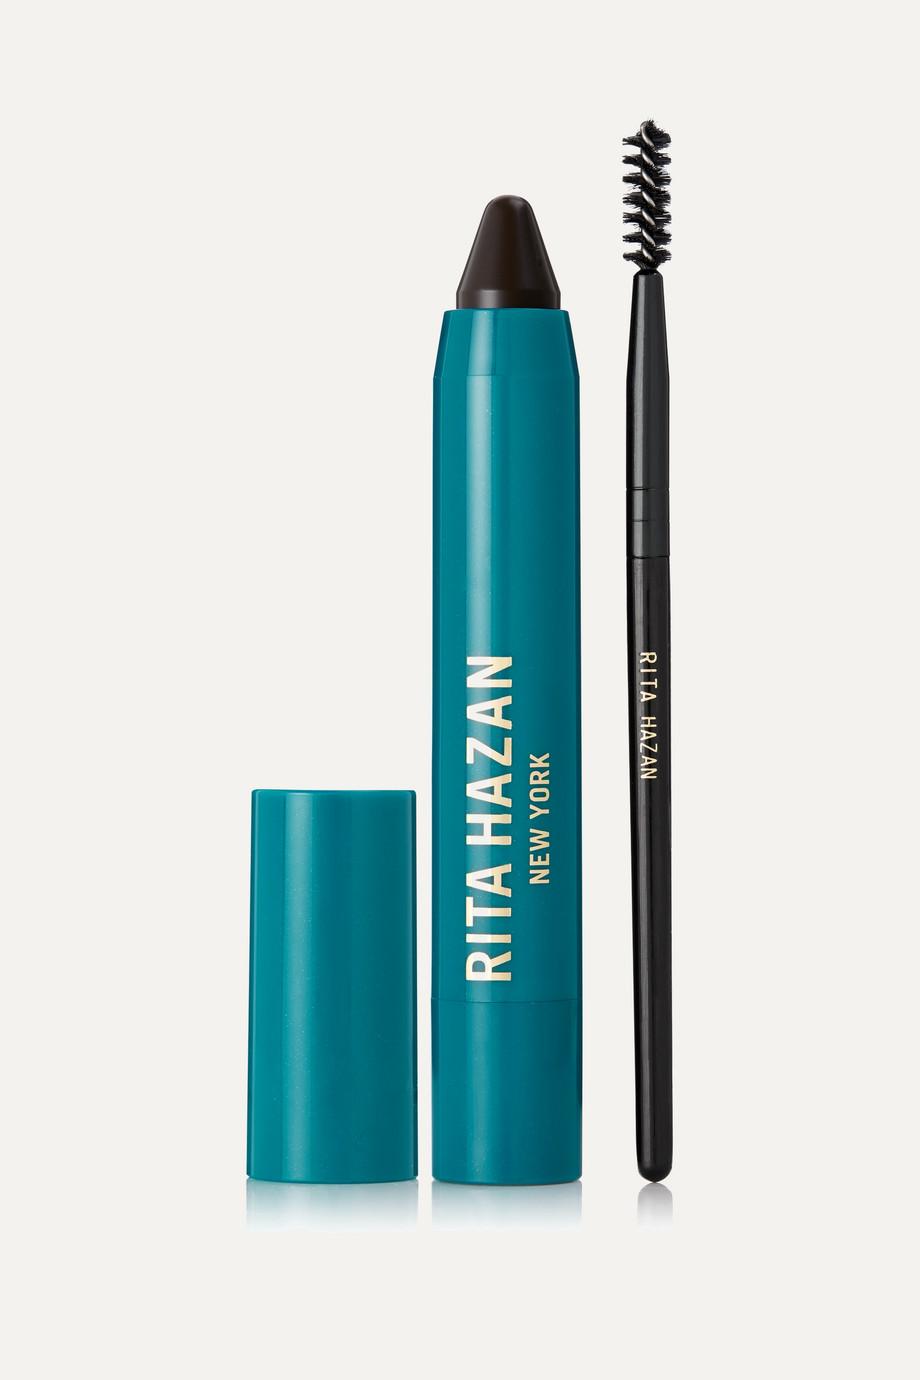 Rita Hazan Root Concealer Touch Up Stick – Dark Brown/Black – Ansatzstift